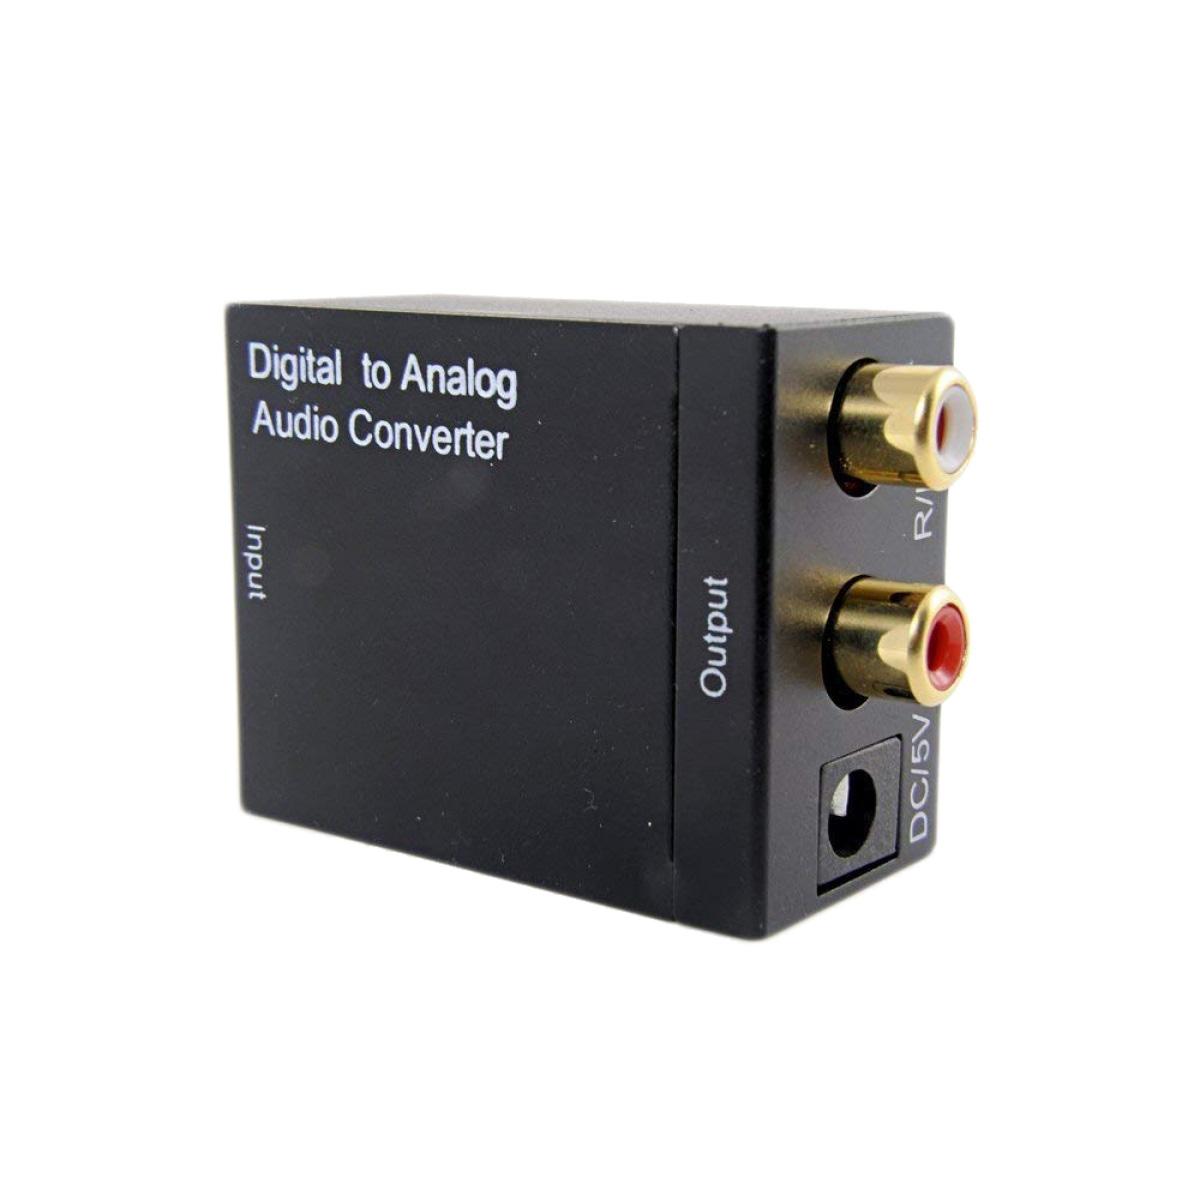 مبدل صدای دیجیتال به آنالوگ مدل MN-0020